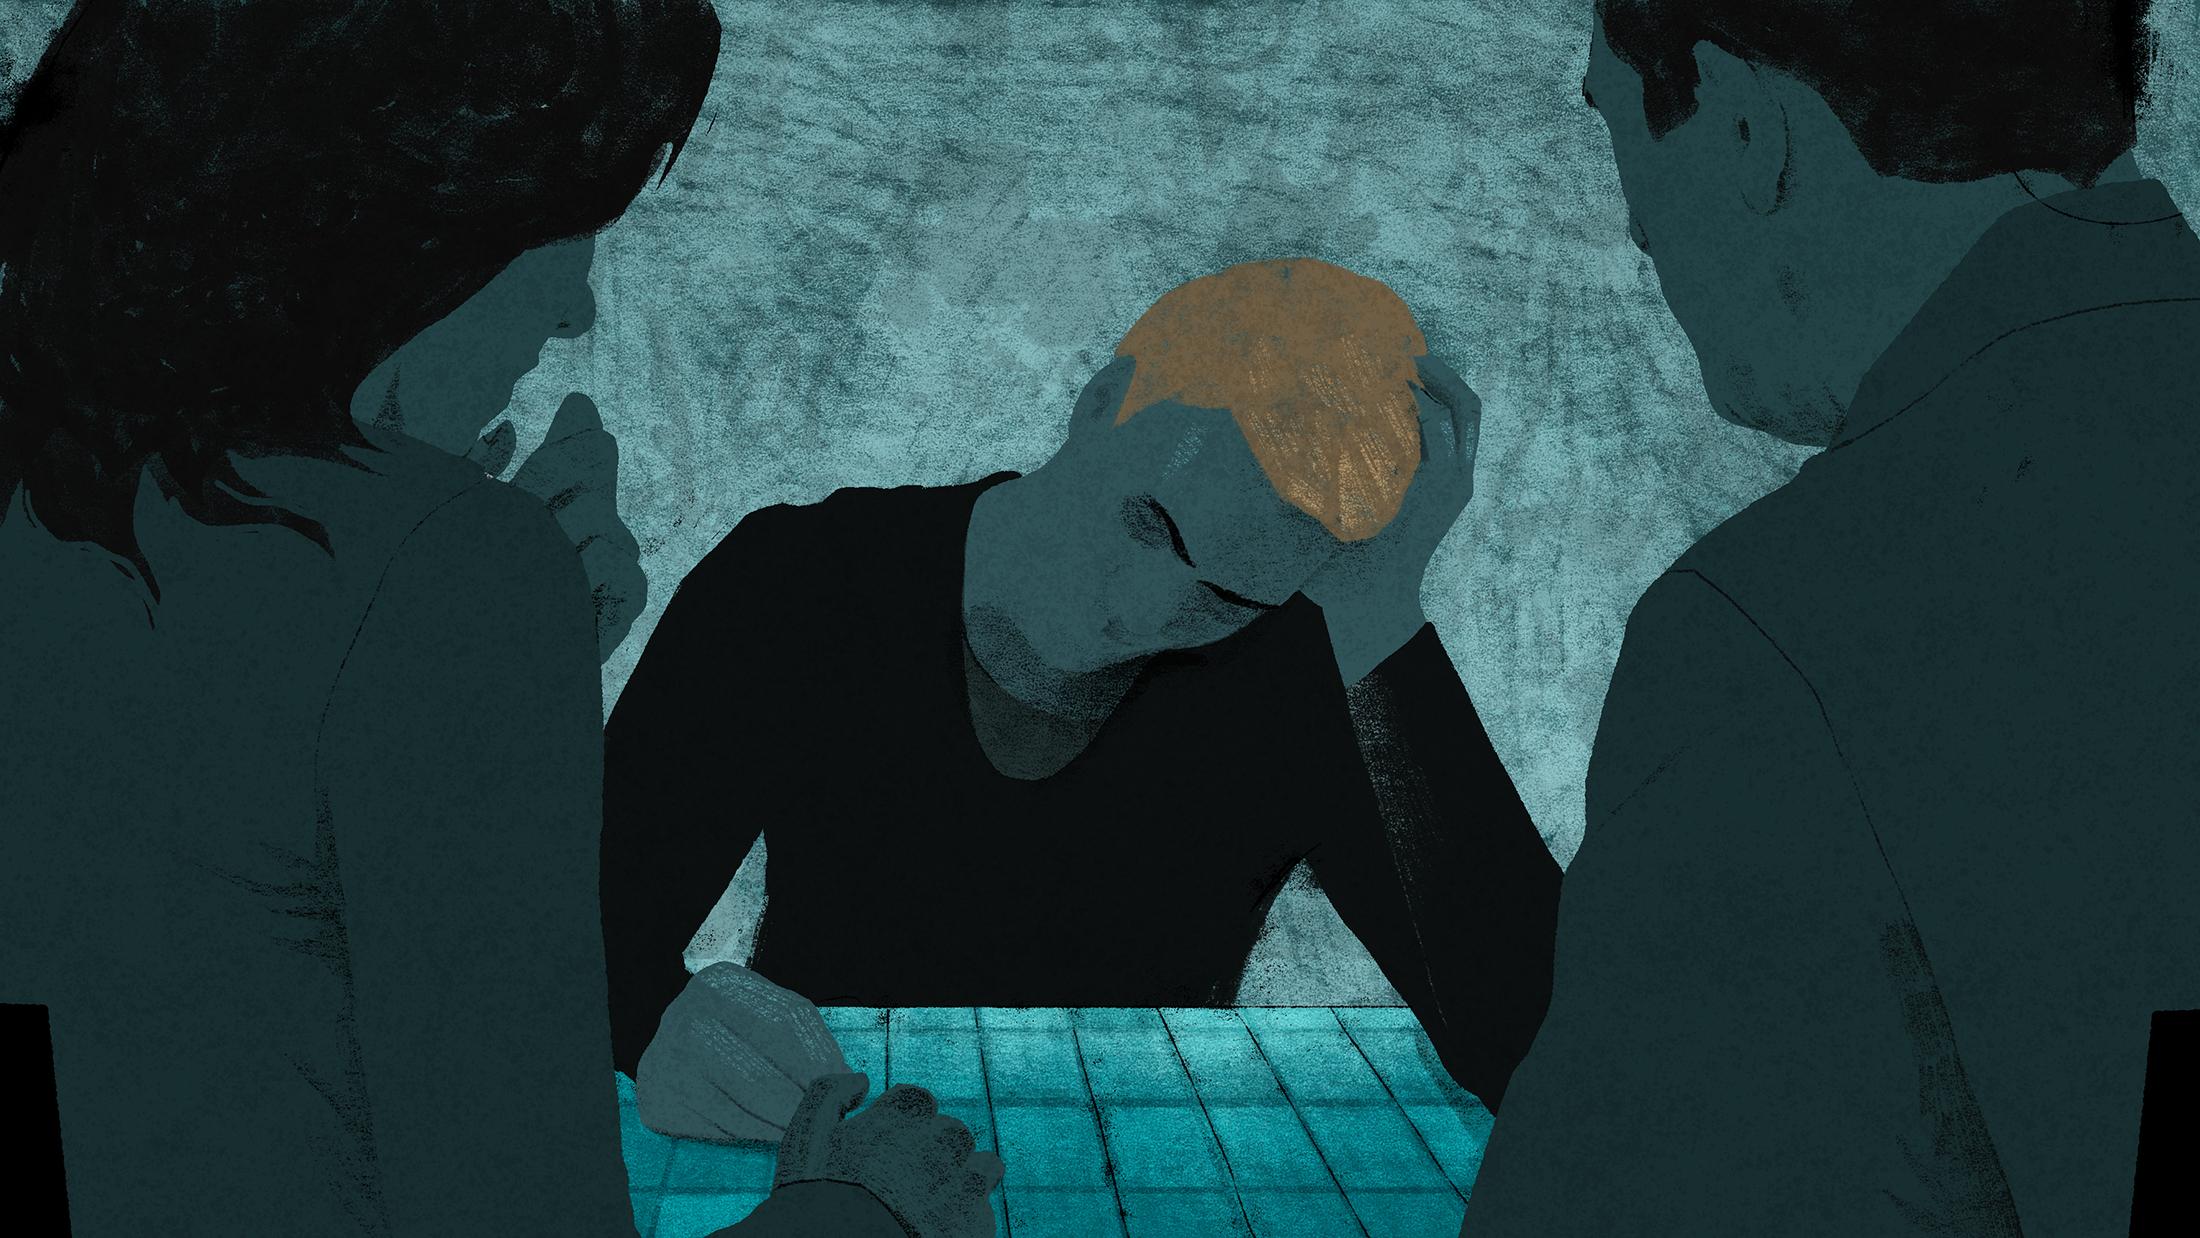 rebecca-hendin-bbc-the-mount-illustratio